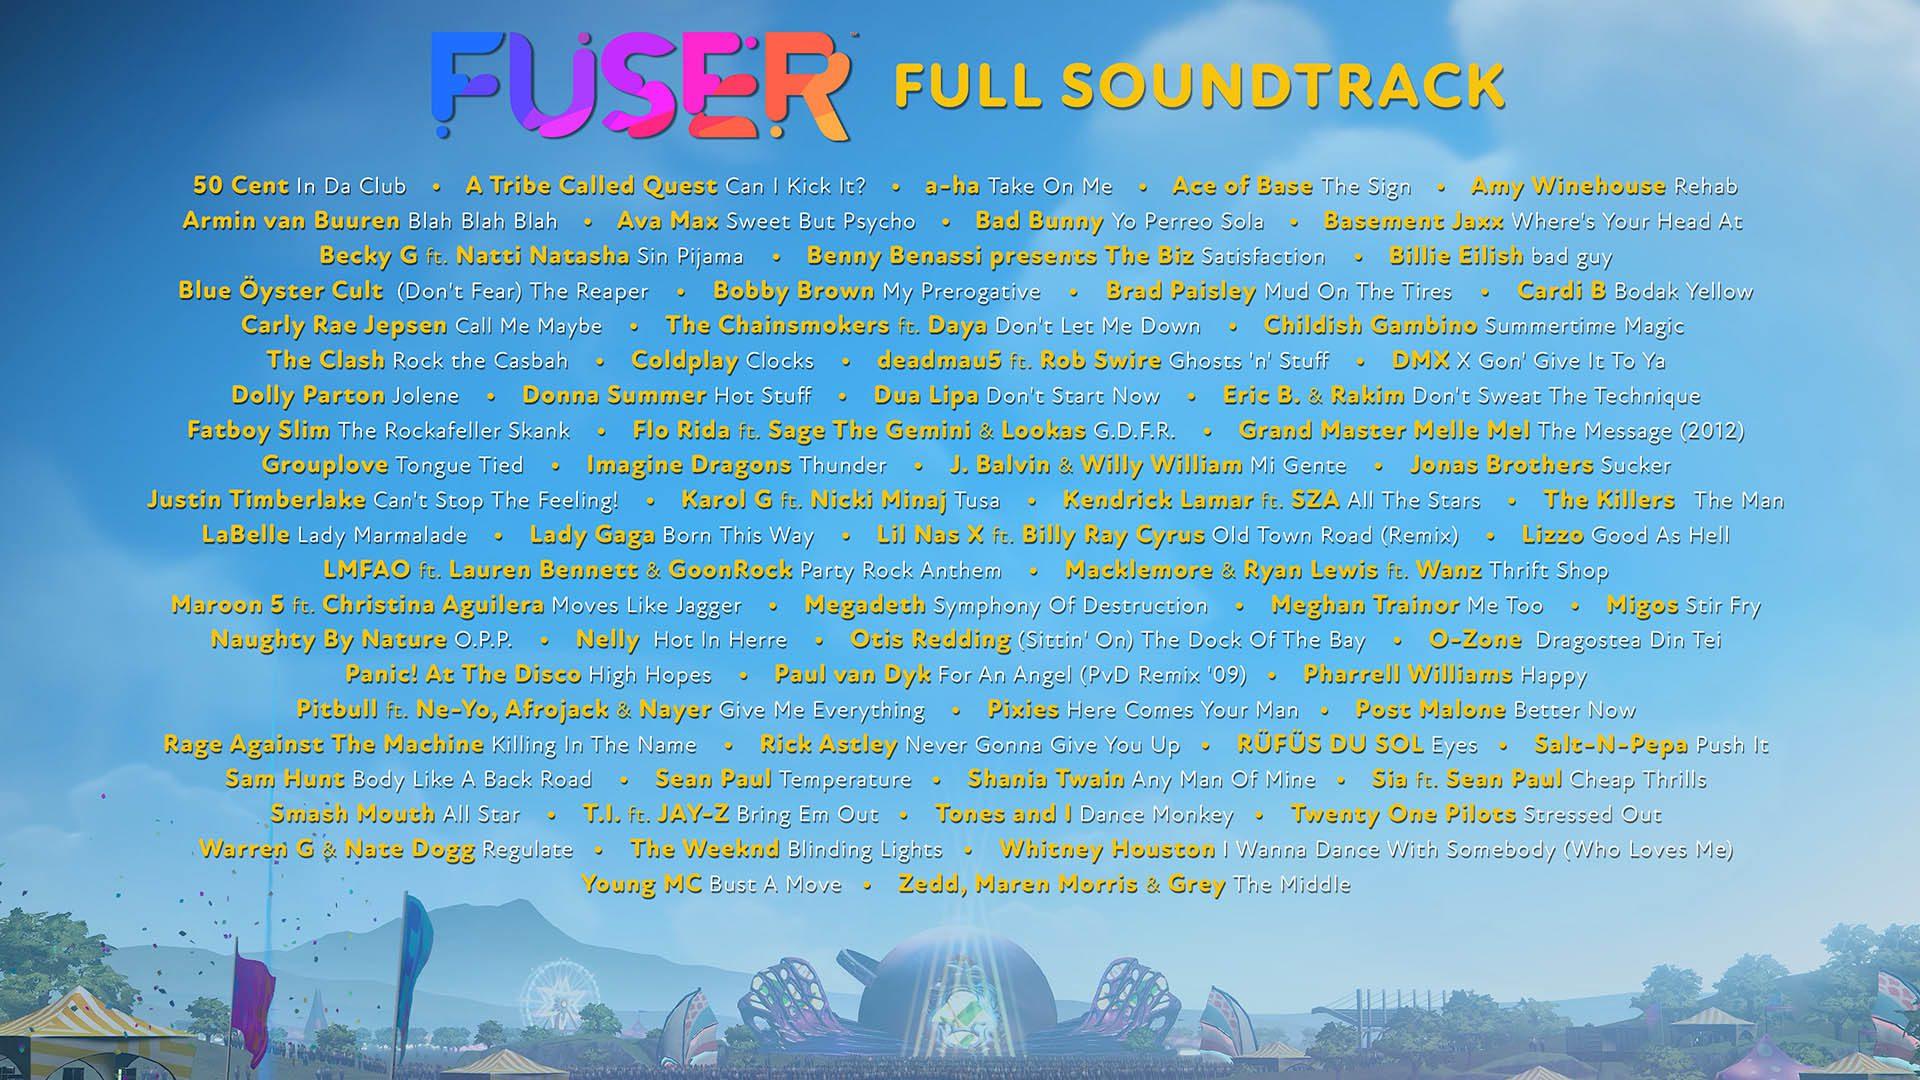 lista de canciones fuser